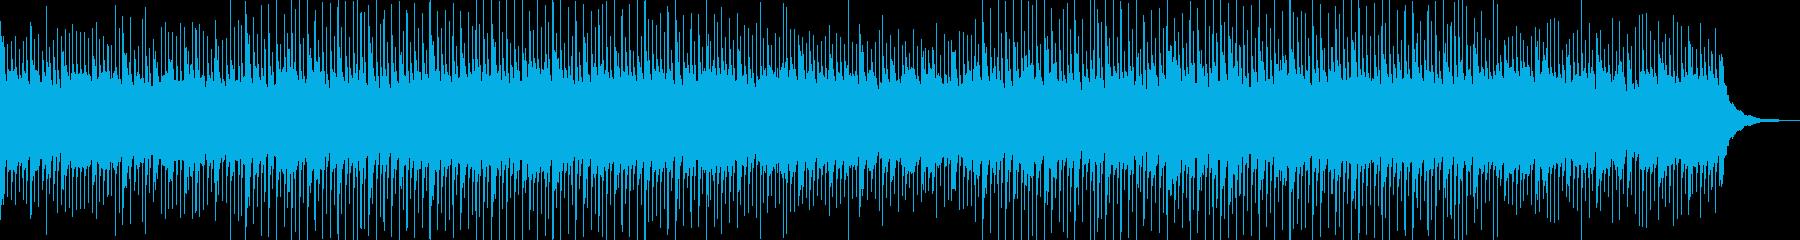 オープニング・明るい・疾走感・入場の再生済みの波形